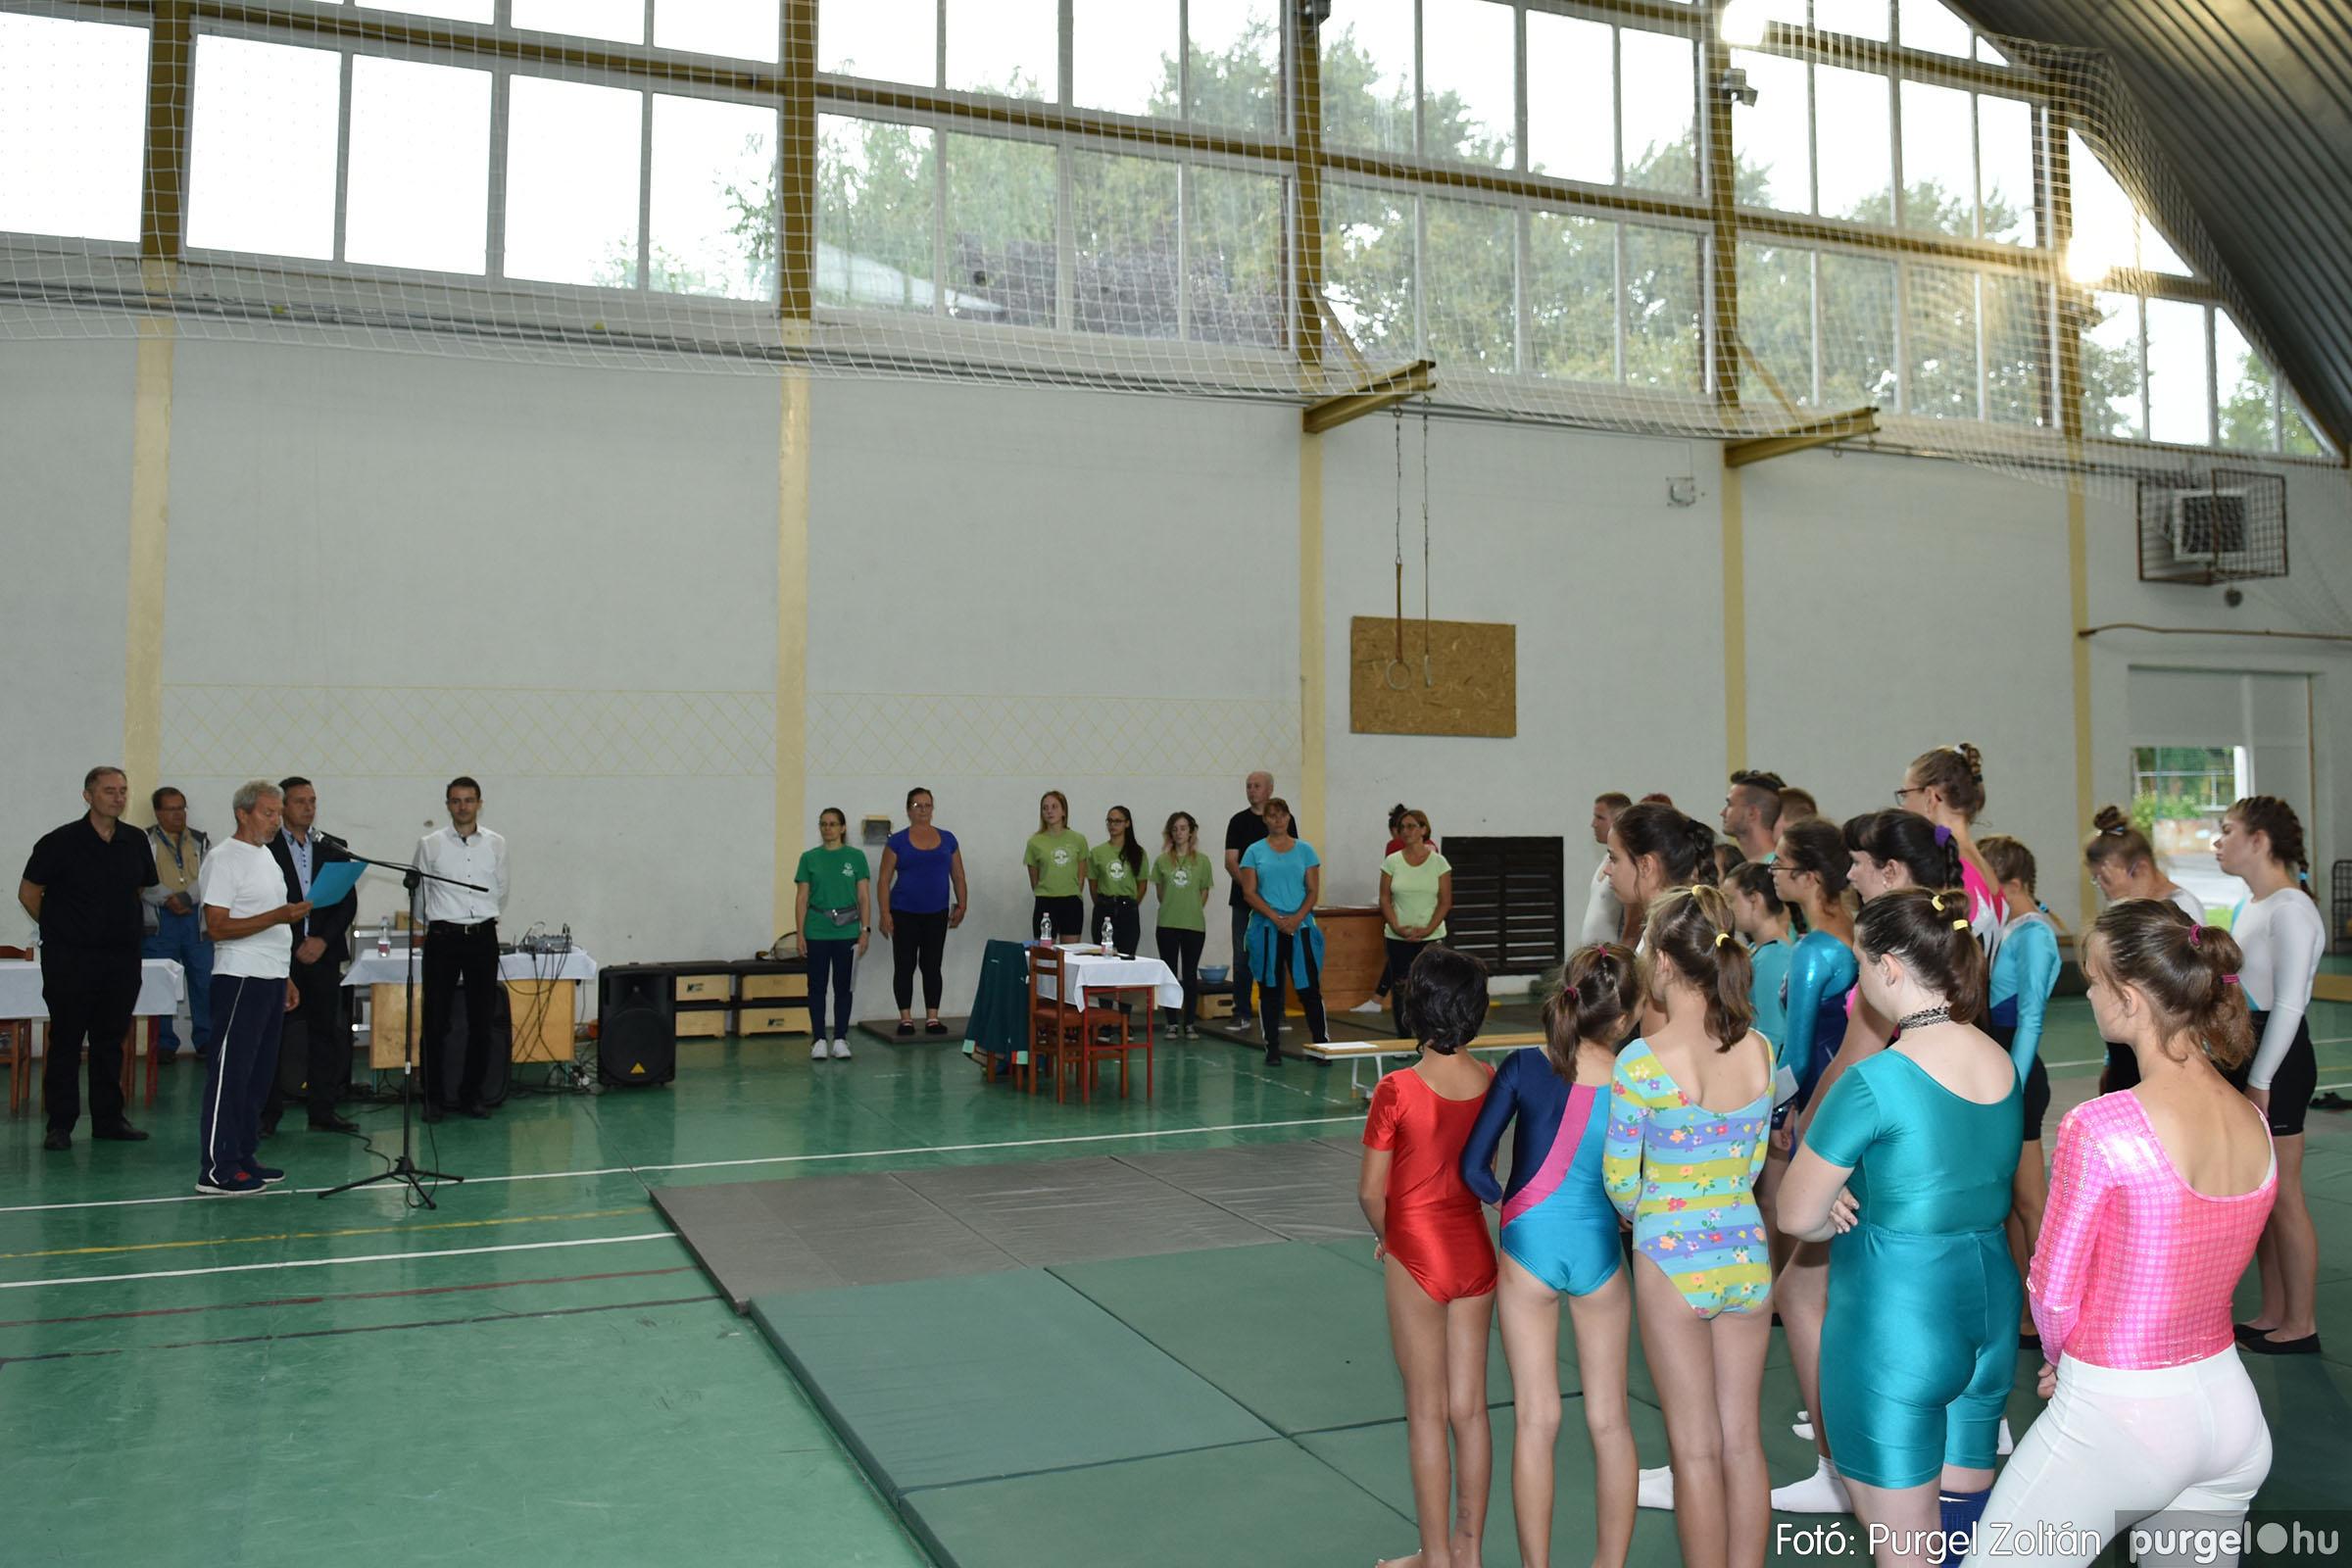 2021.08.27. 010 VII. Speciális Olimpia Nyári Nemzeti Játékok szegvári megnyitója.jpg